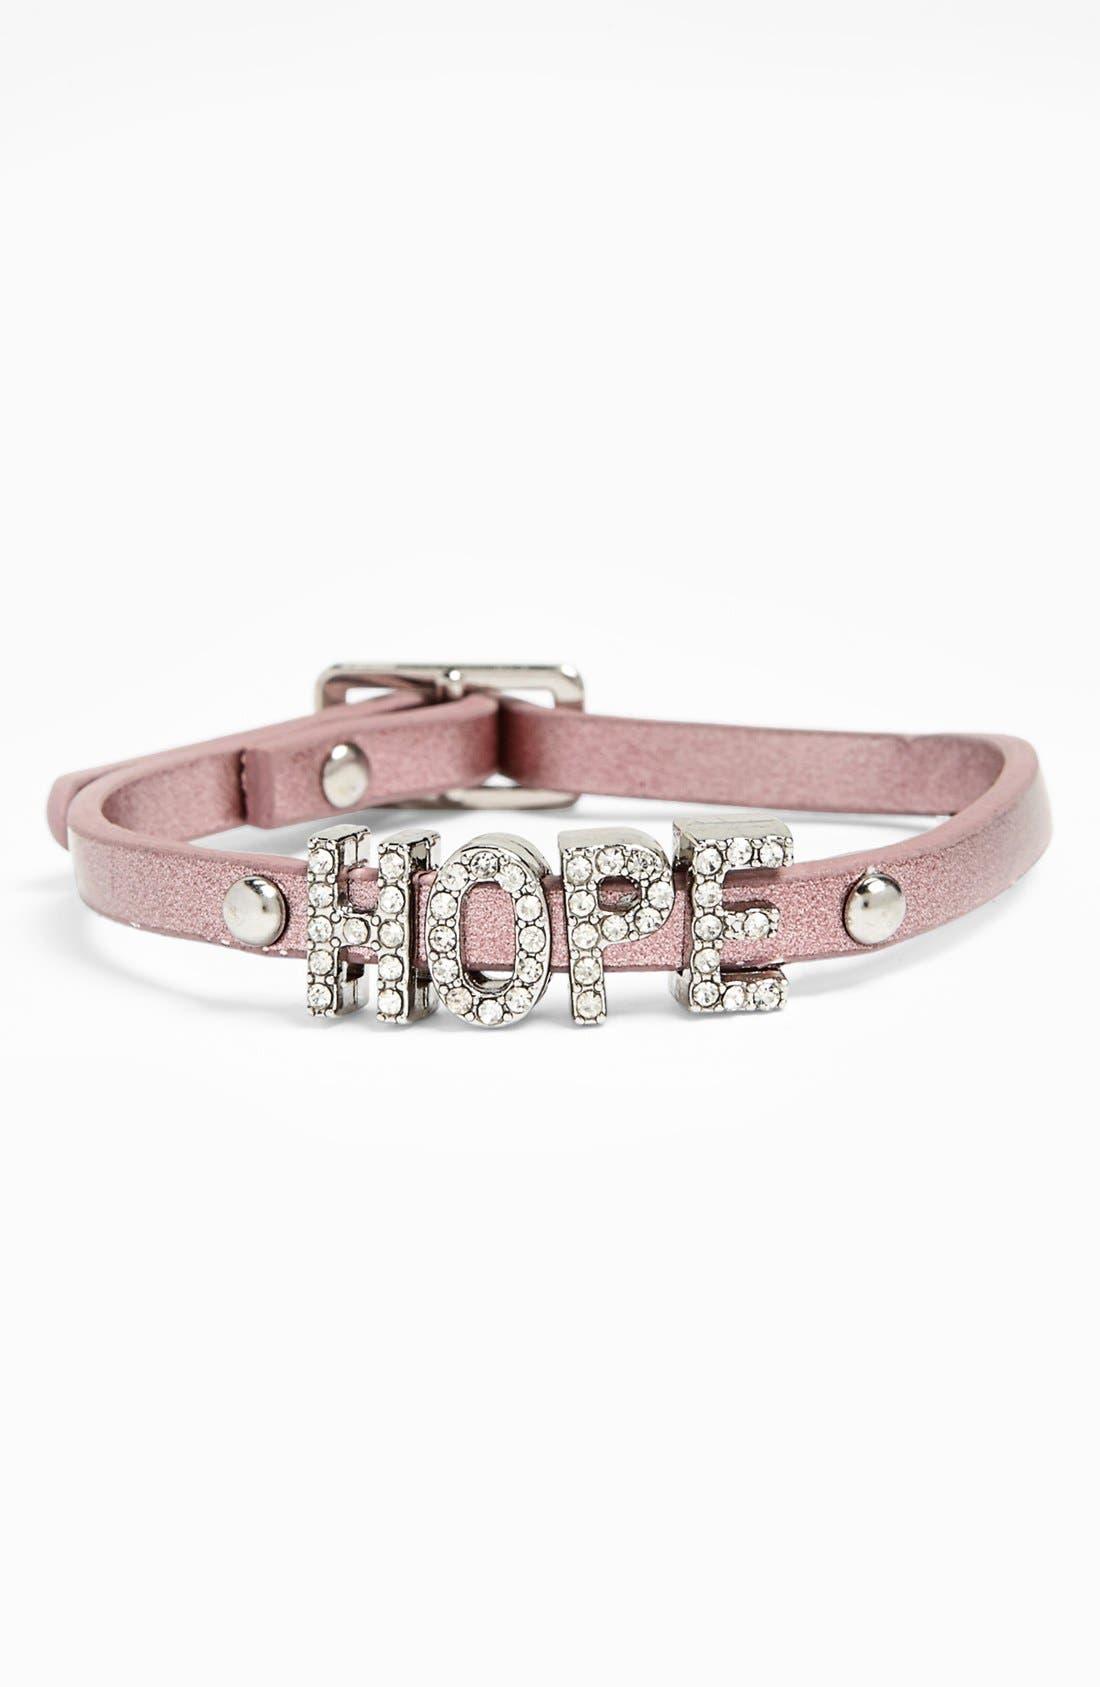 Alternate Image 1 Selected - BCBGeneration 'Sparkly Hope' Bracelet